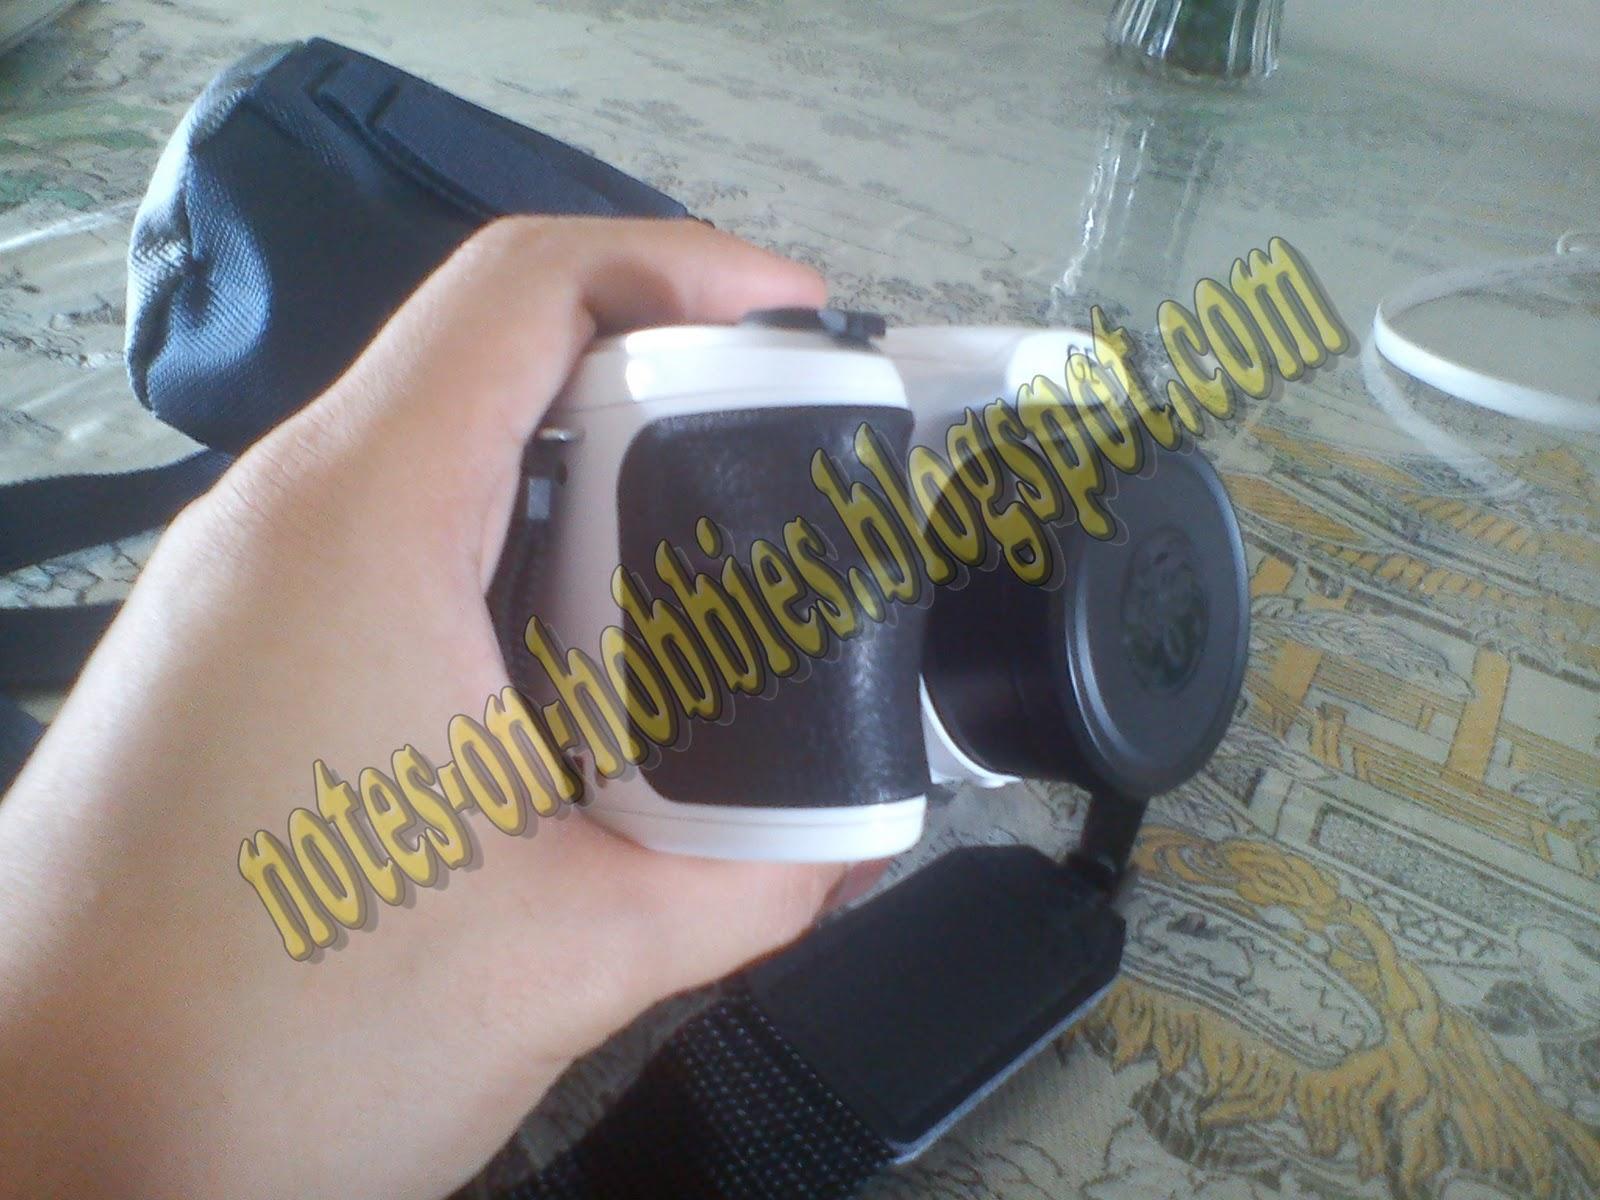 http://4.bp.blogspot.com/-J-L0hXUTfAo/TWRSNlJVkzI/AAAAAAAAALc/O3N-J60e6sE/s1600/xperia%2Bx8%2Bcamera%2Bssuper%2B2.jpg